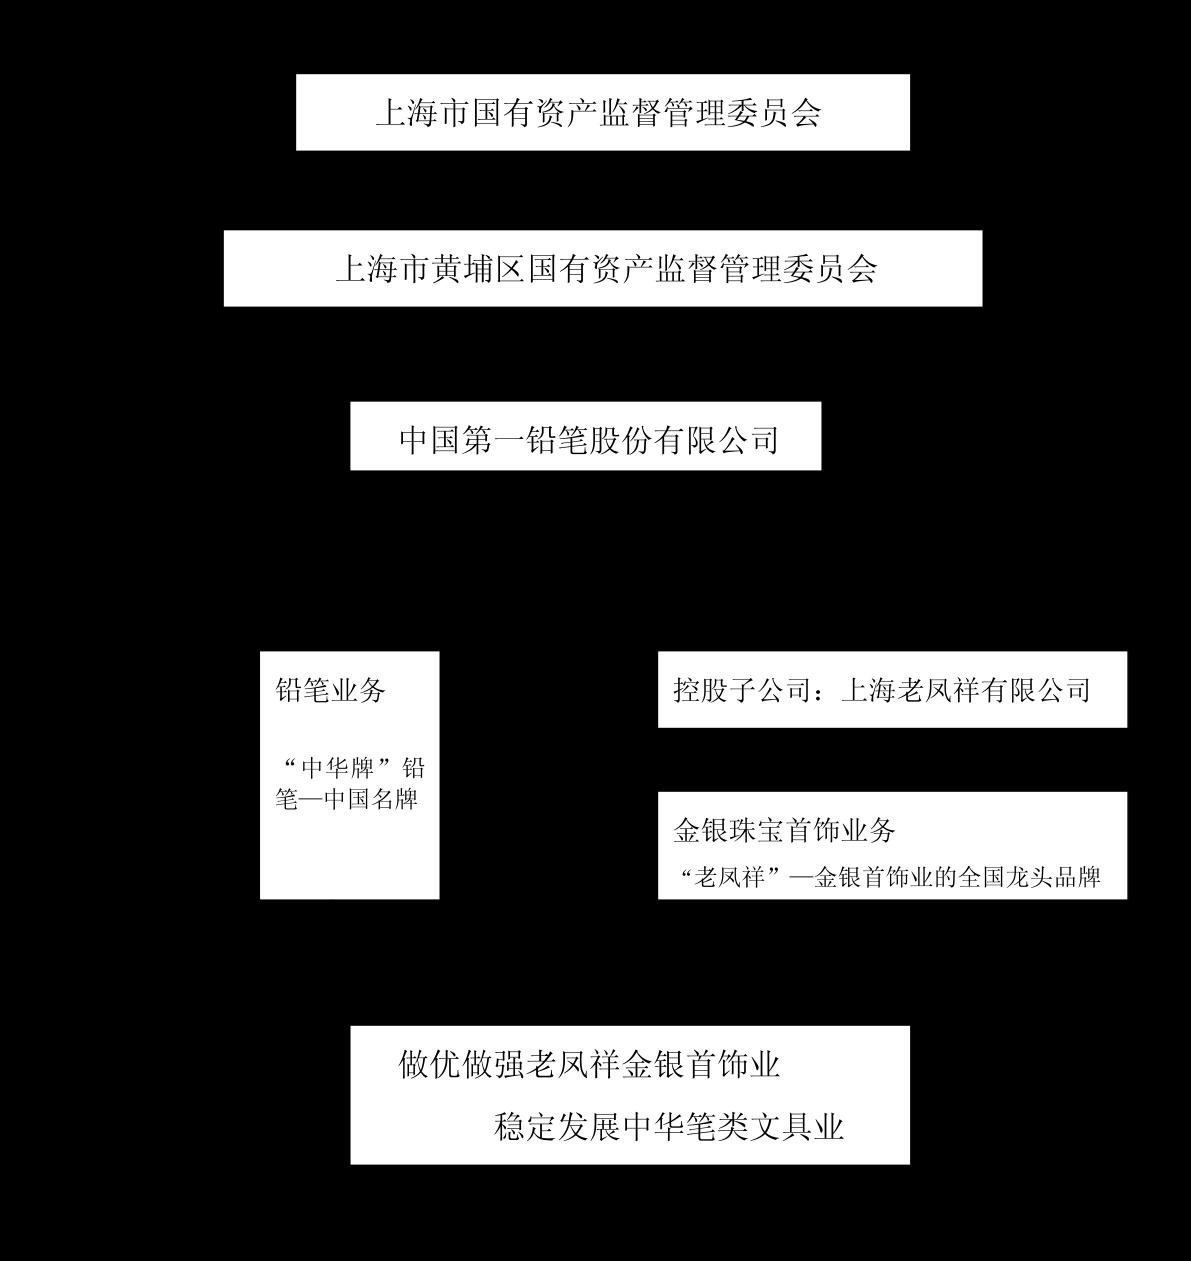 华泰雷火电竞平台-苏博特-603916 - 净利润稳步增长,现金流环比好转-201027